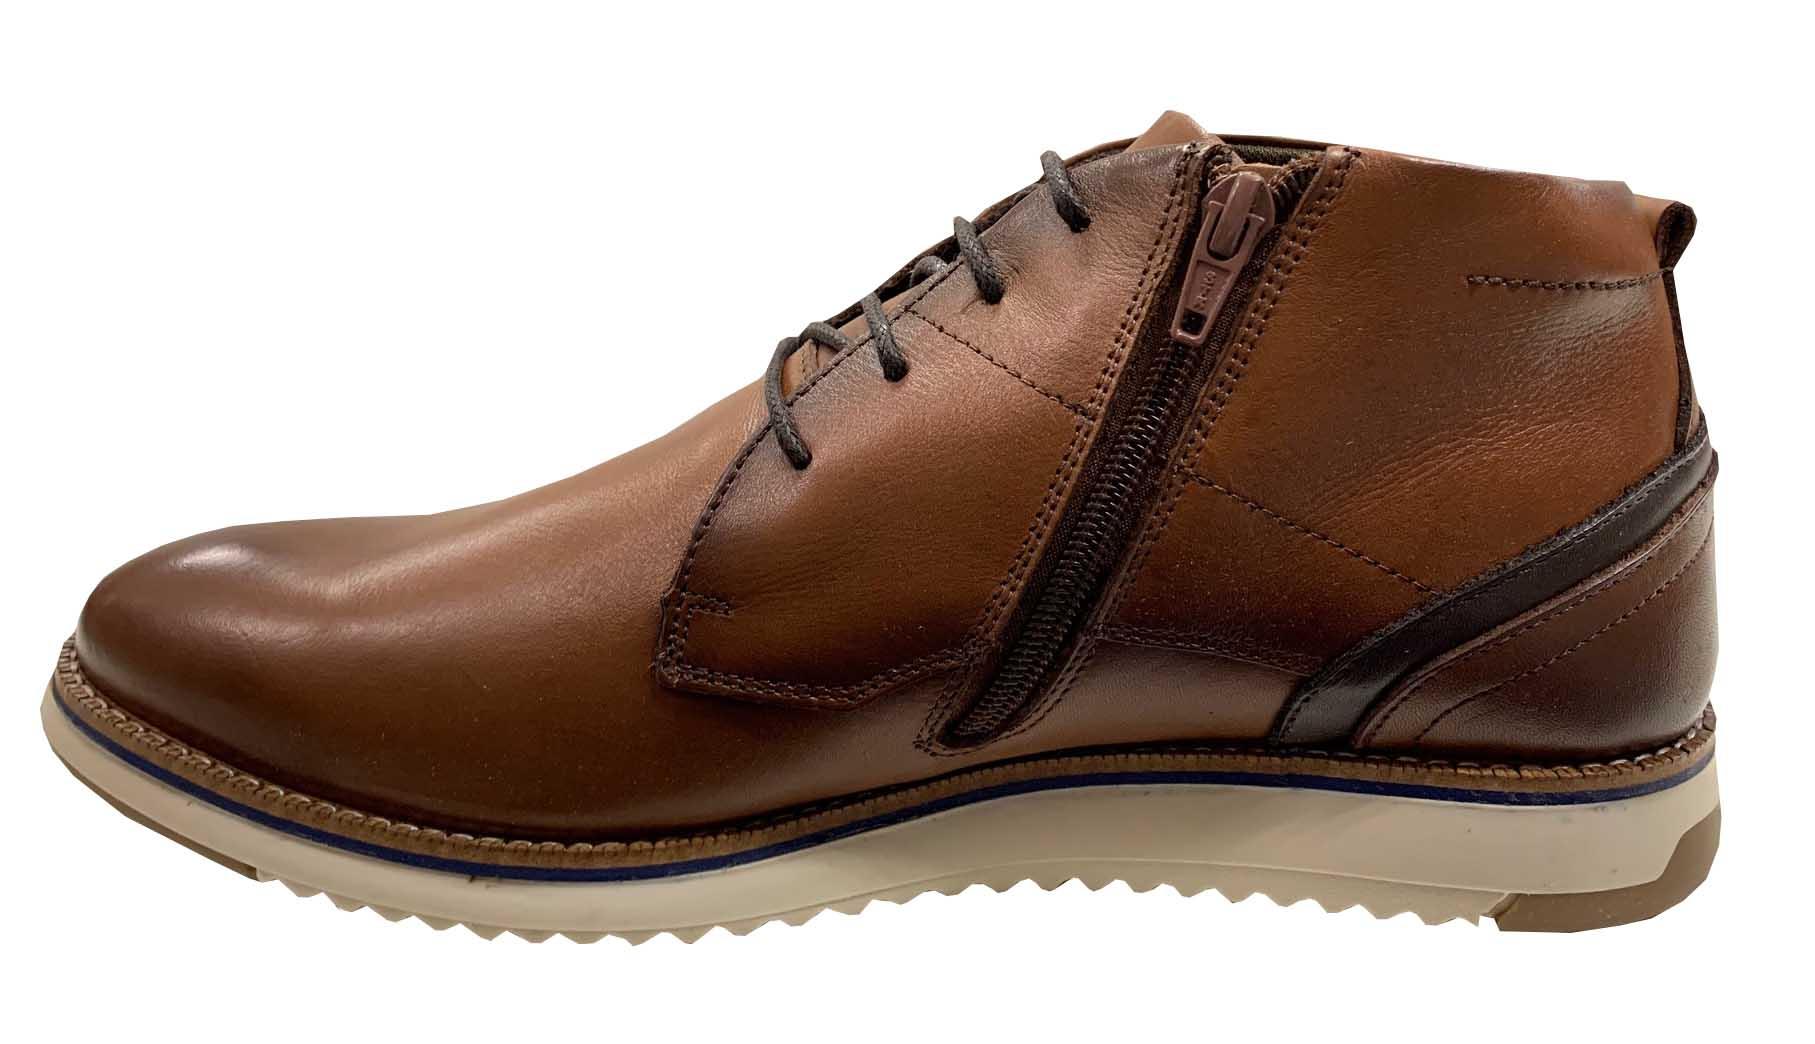 Sapato Ferricelli abotinado cano médio 54640 Masculino